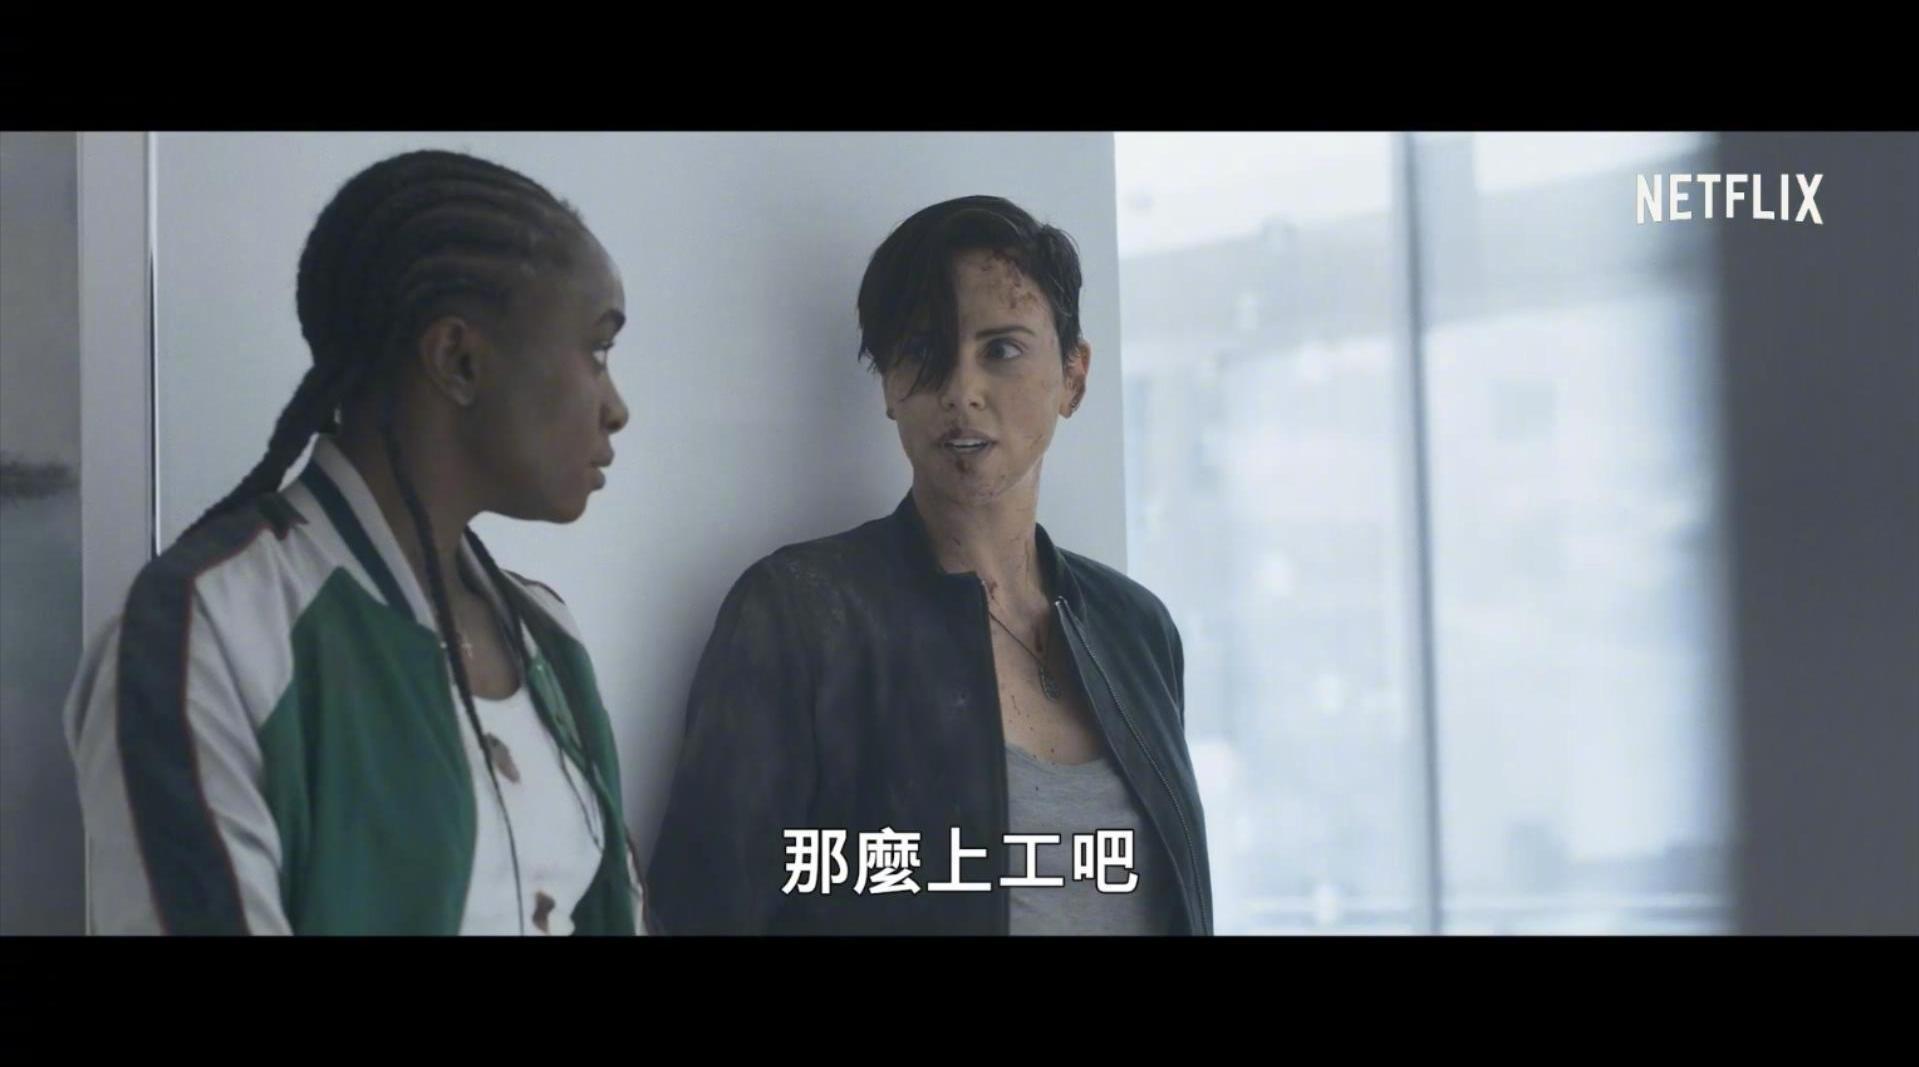 Netflix电影《永生守卫》官方中文正式版预告片点评